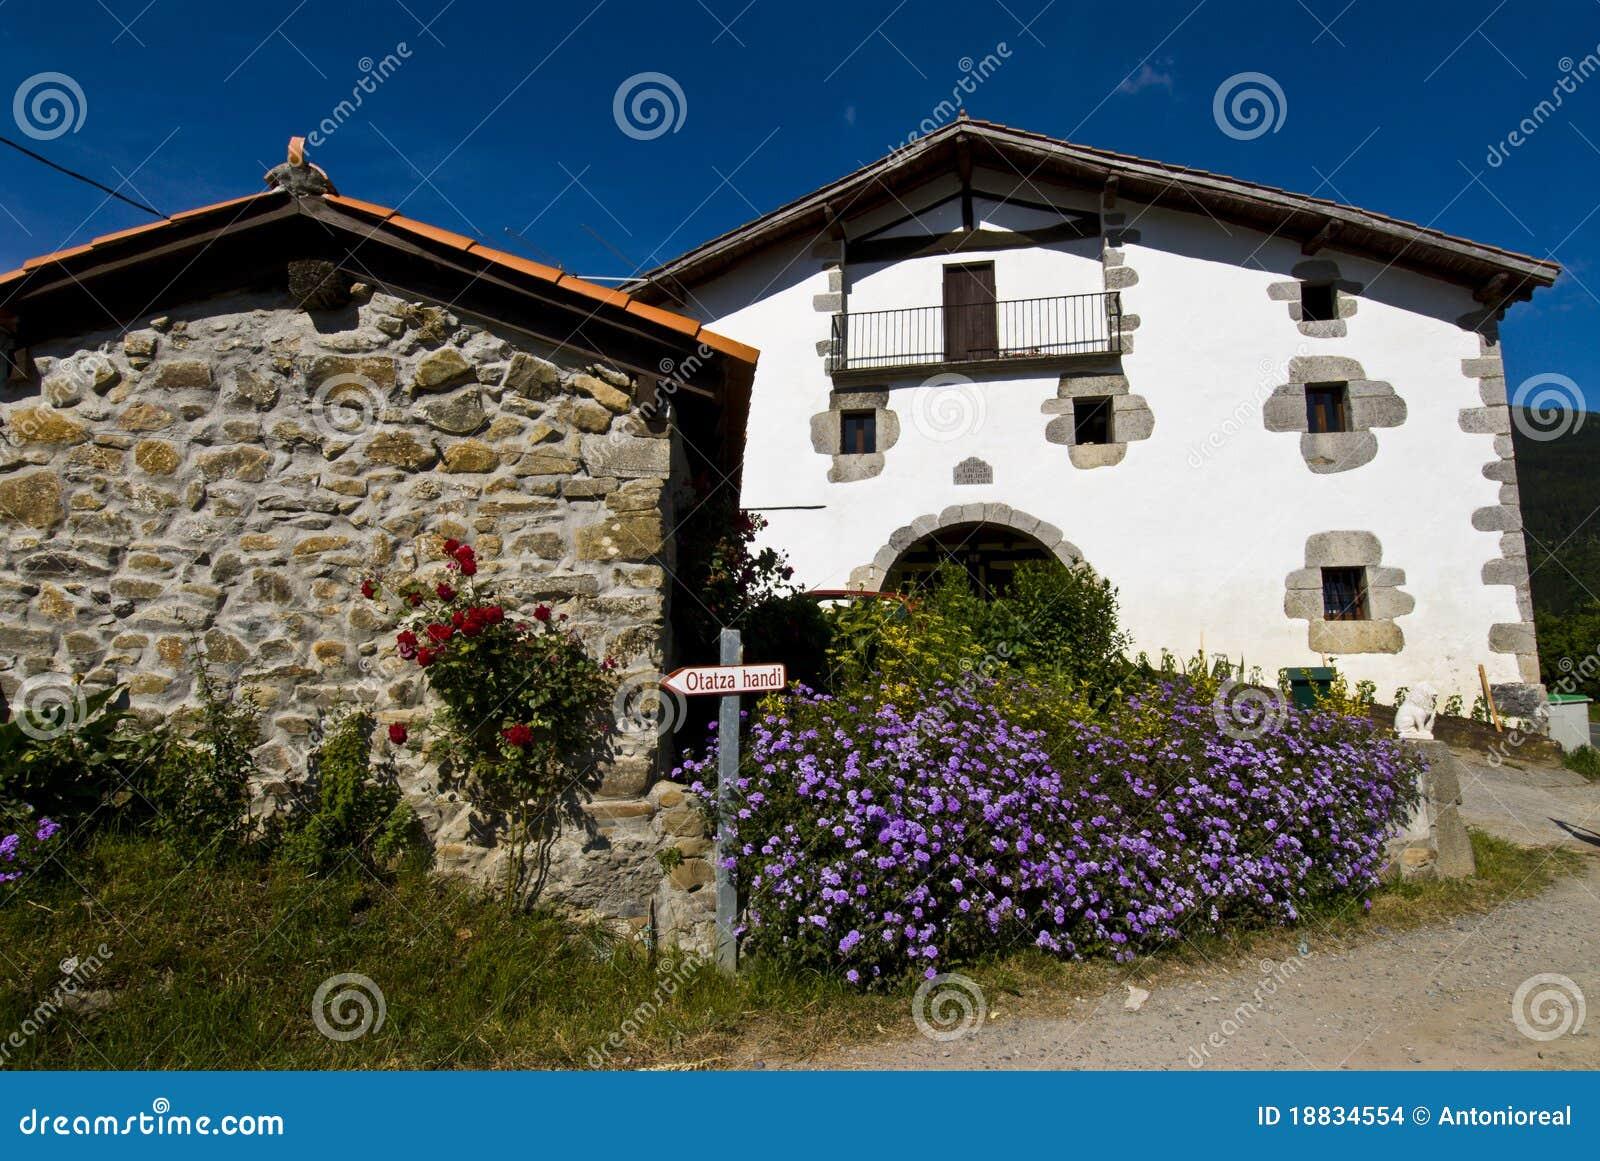 Pais vasco imagenes de archivo imagen 18834554 - Casas pais vasco ...